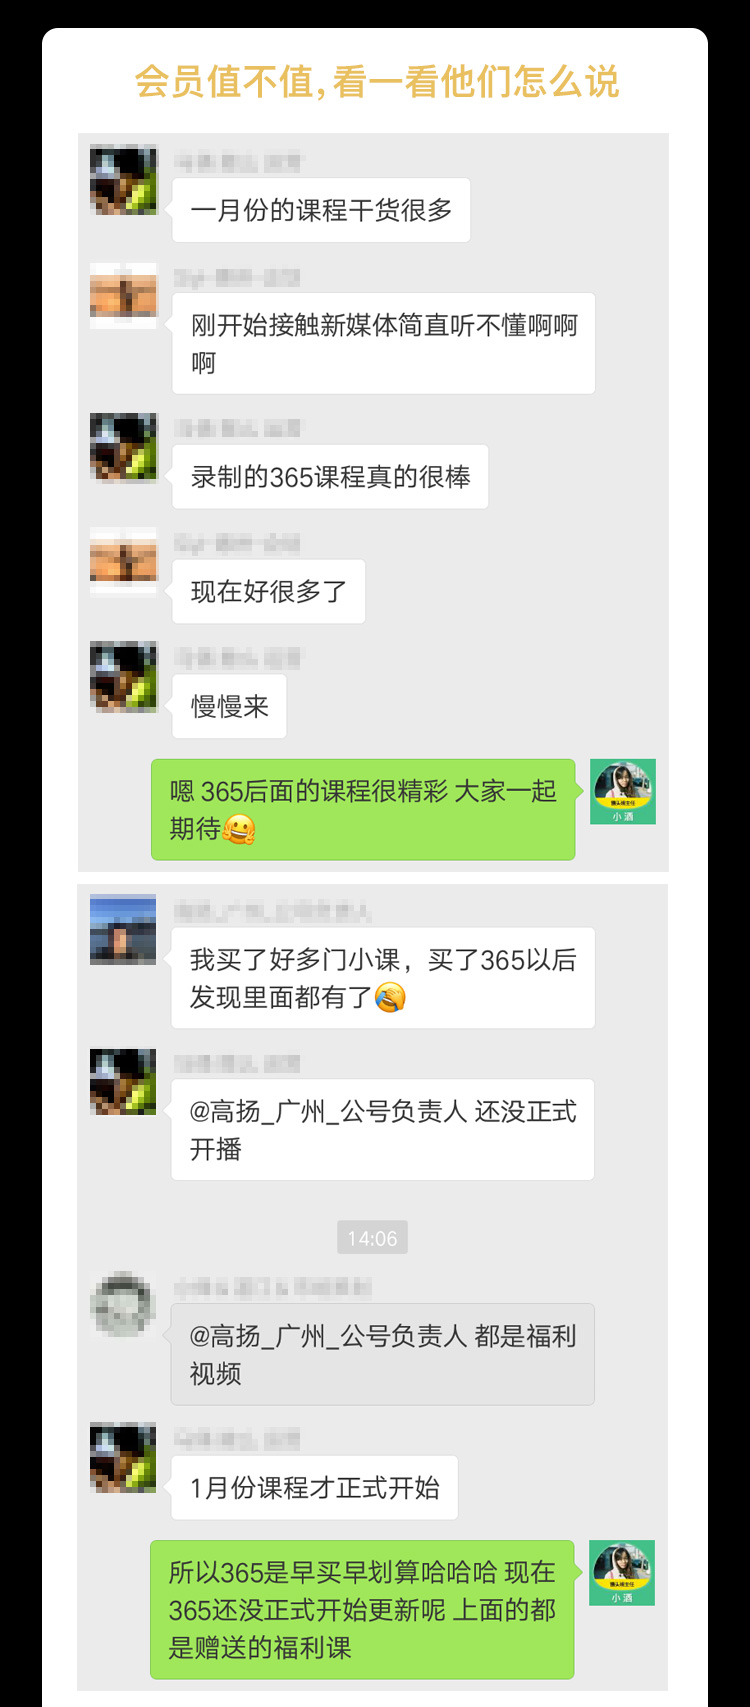 http://mtedu-img.oss-cn-beijing-internal.aliyuncs.com/ueditor/20190909122833_479242.png